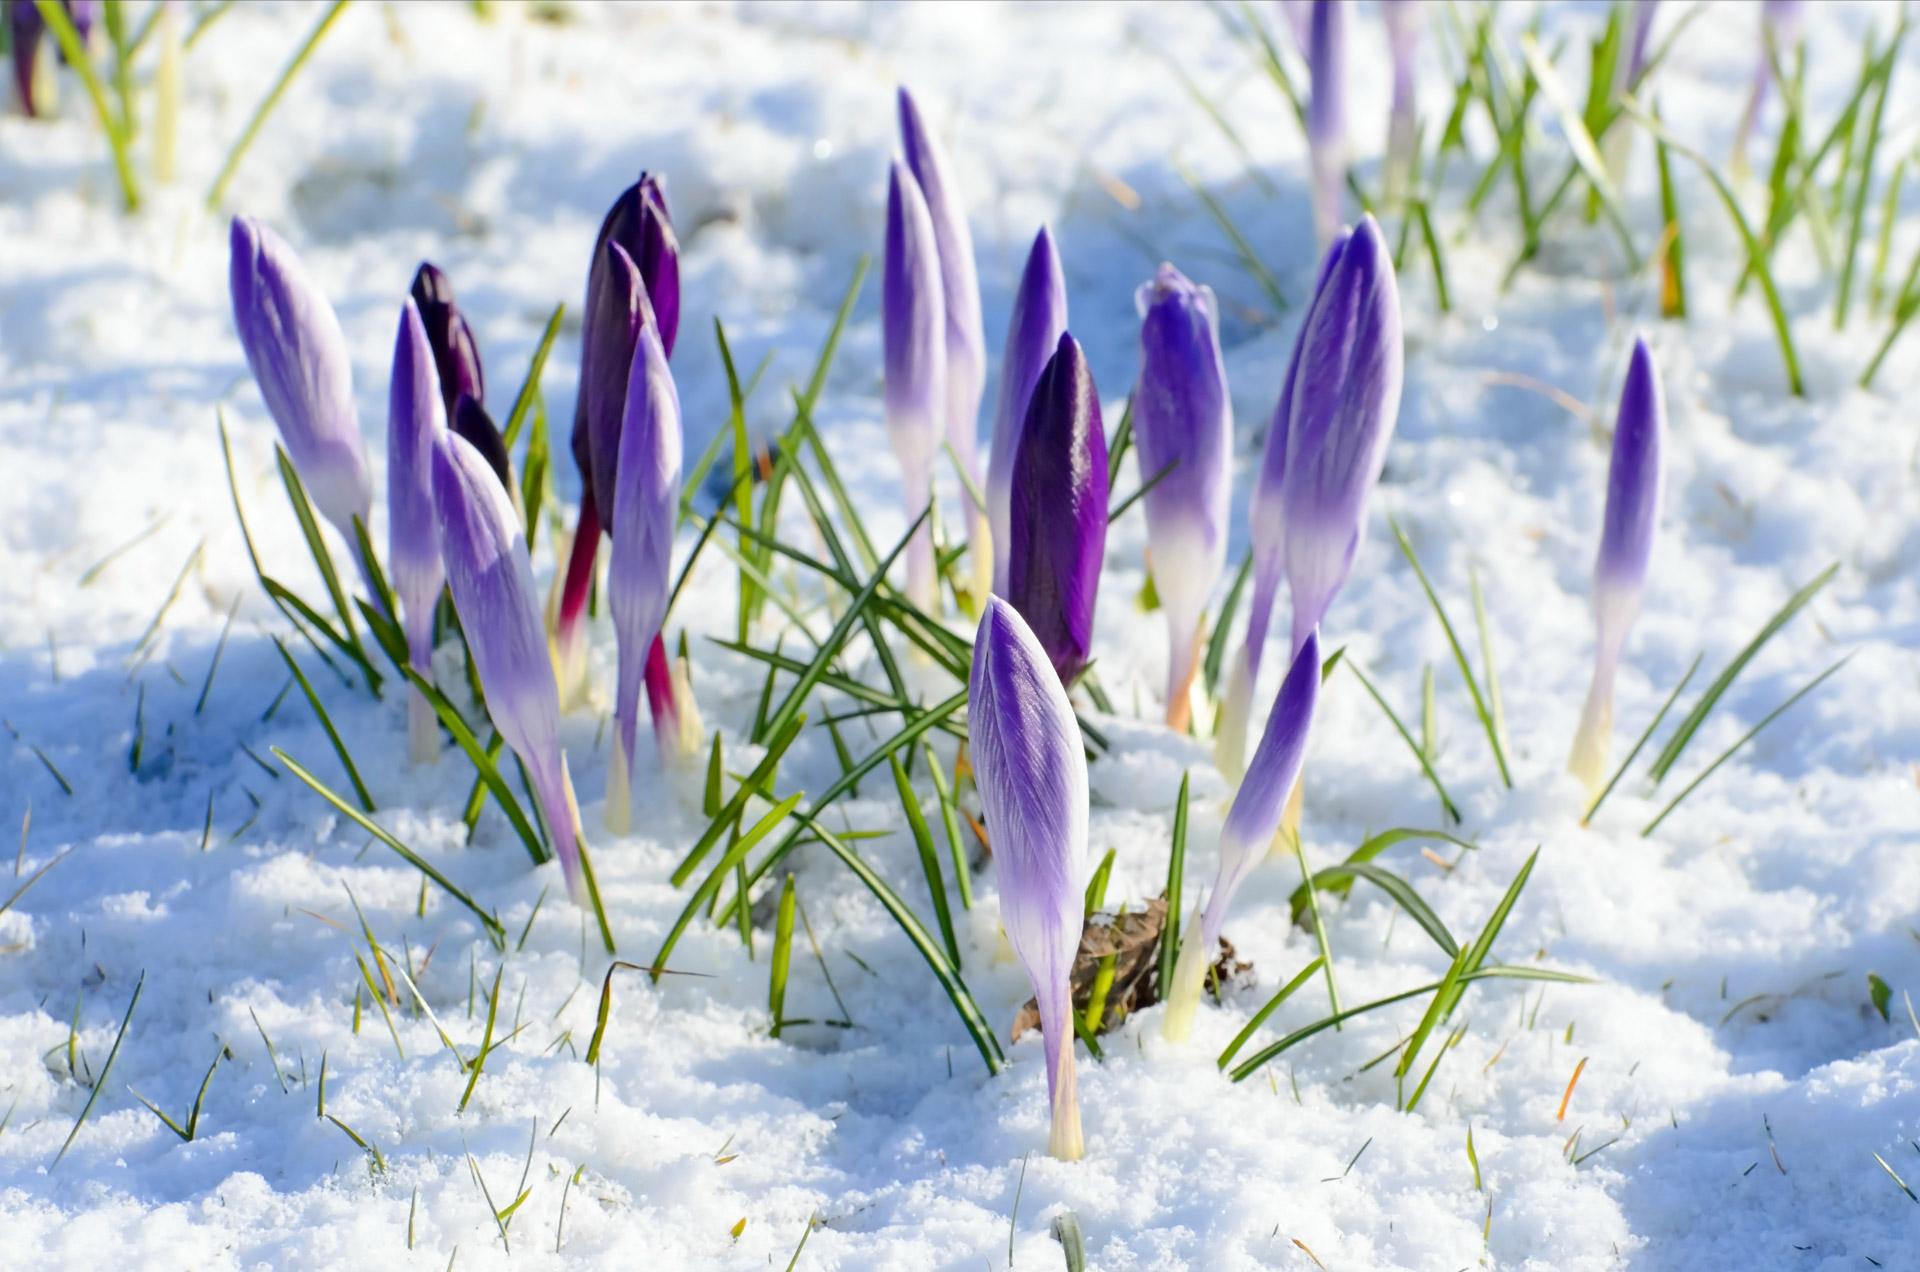 Les fleurs, la neige